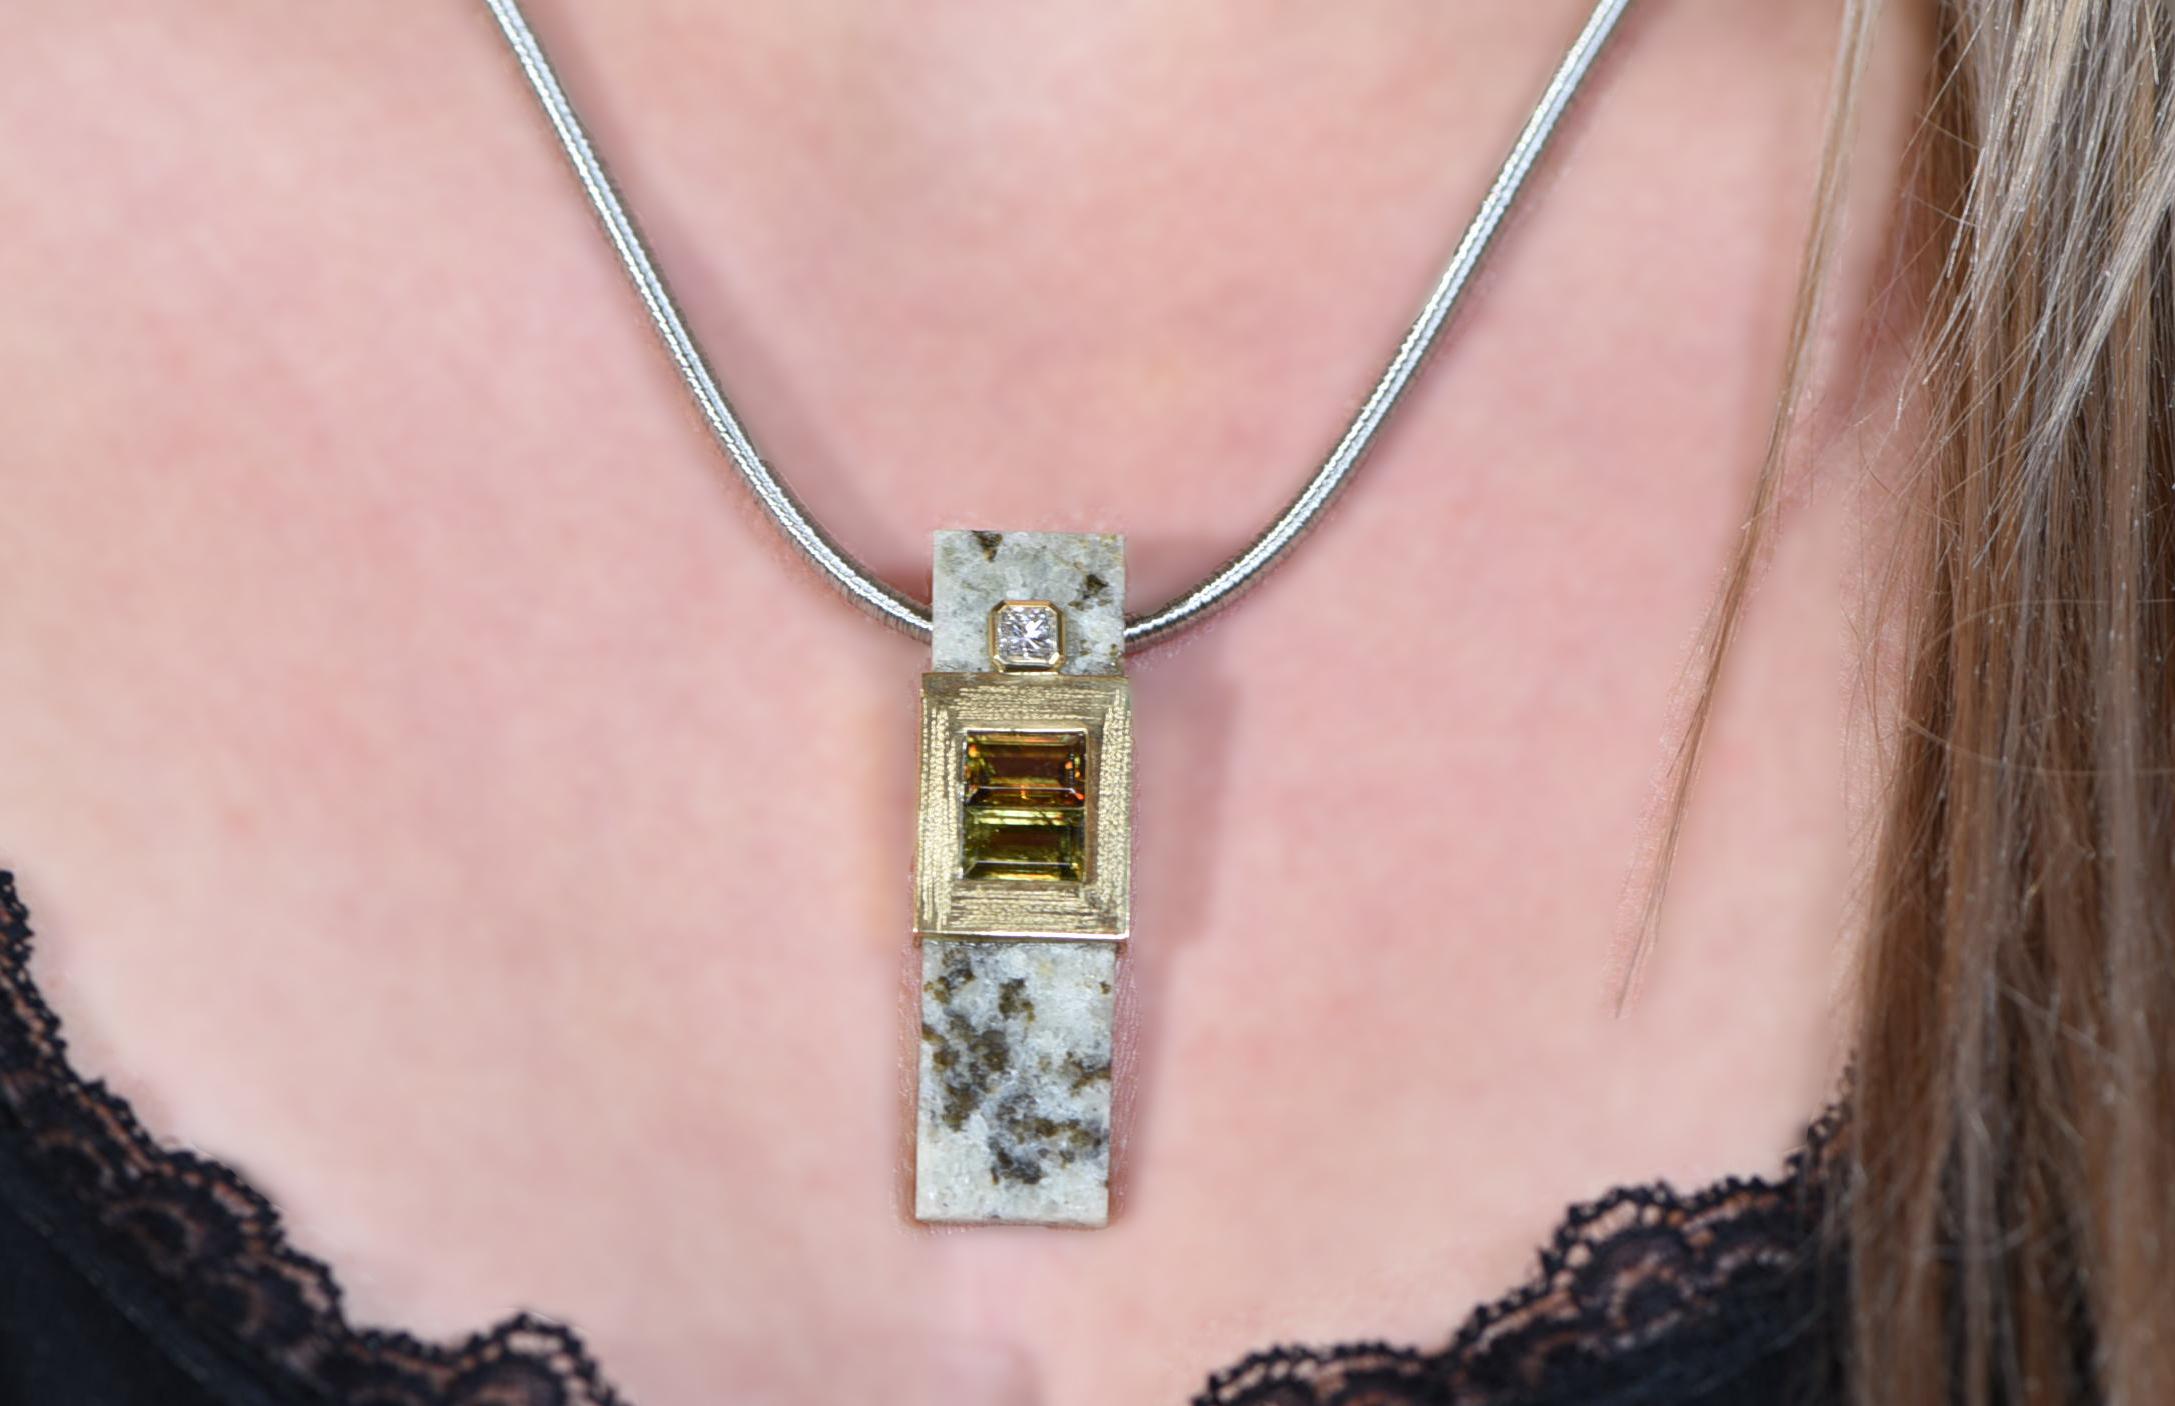 Titanite pendant